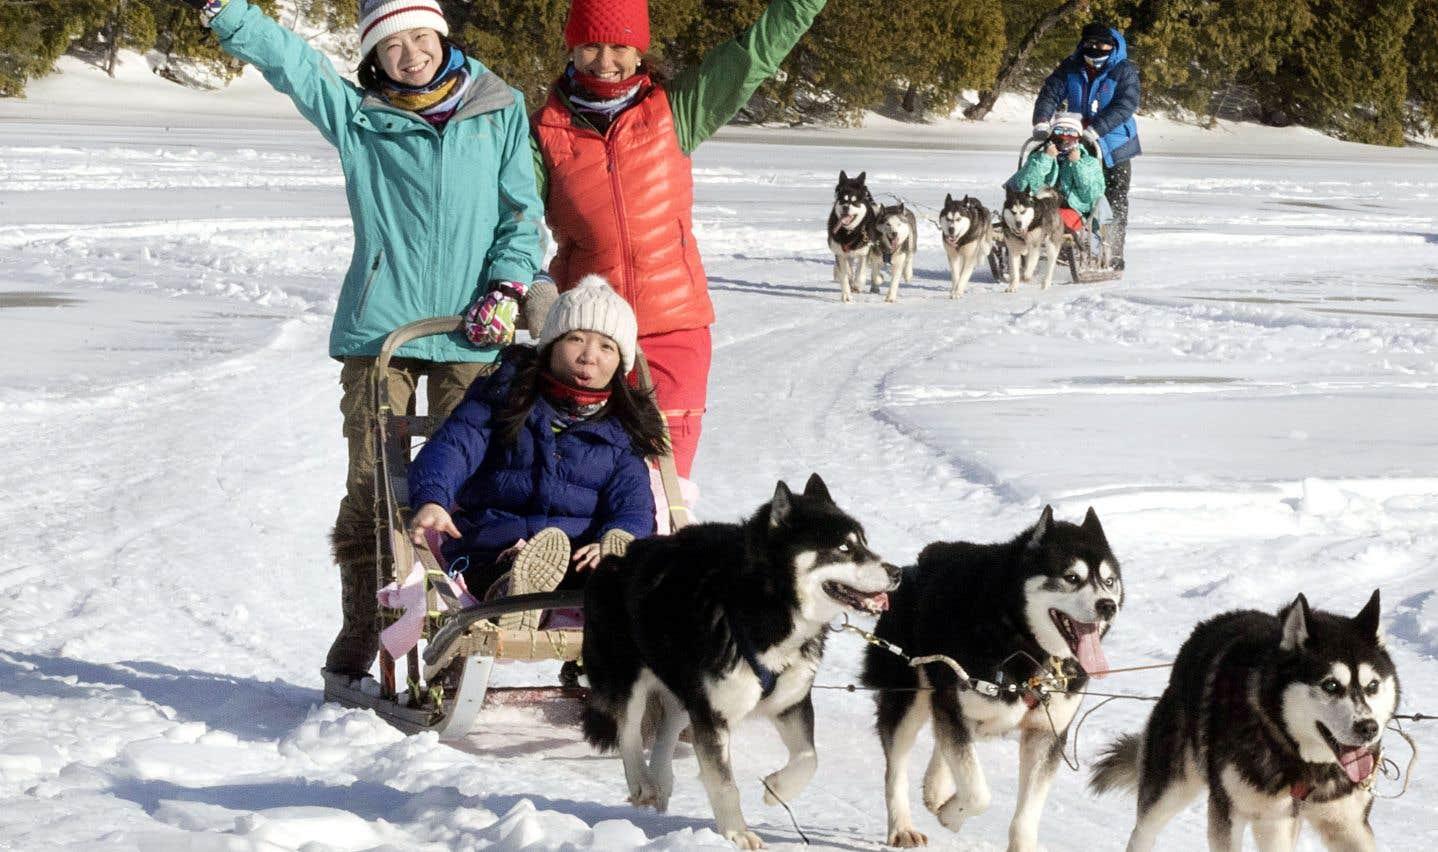 Les balades en traîneau à chiens sont le summum de l'exotisme pour bien des touristes chinois.